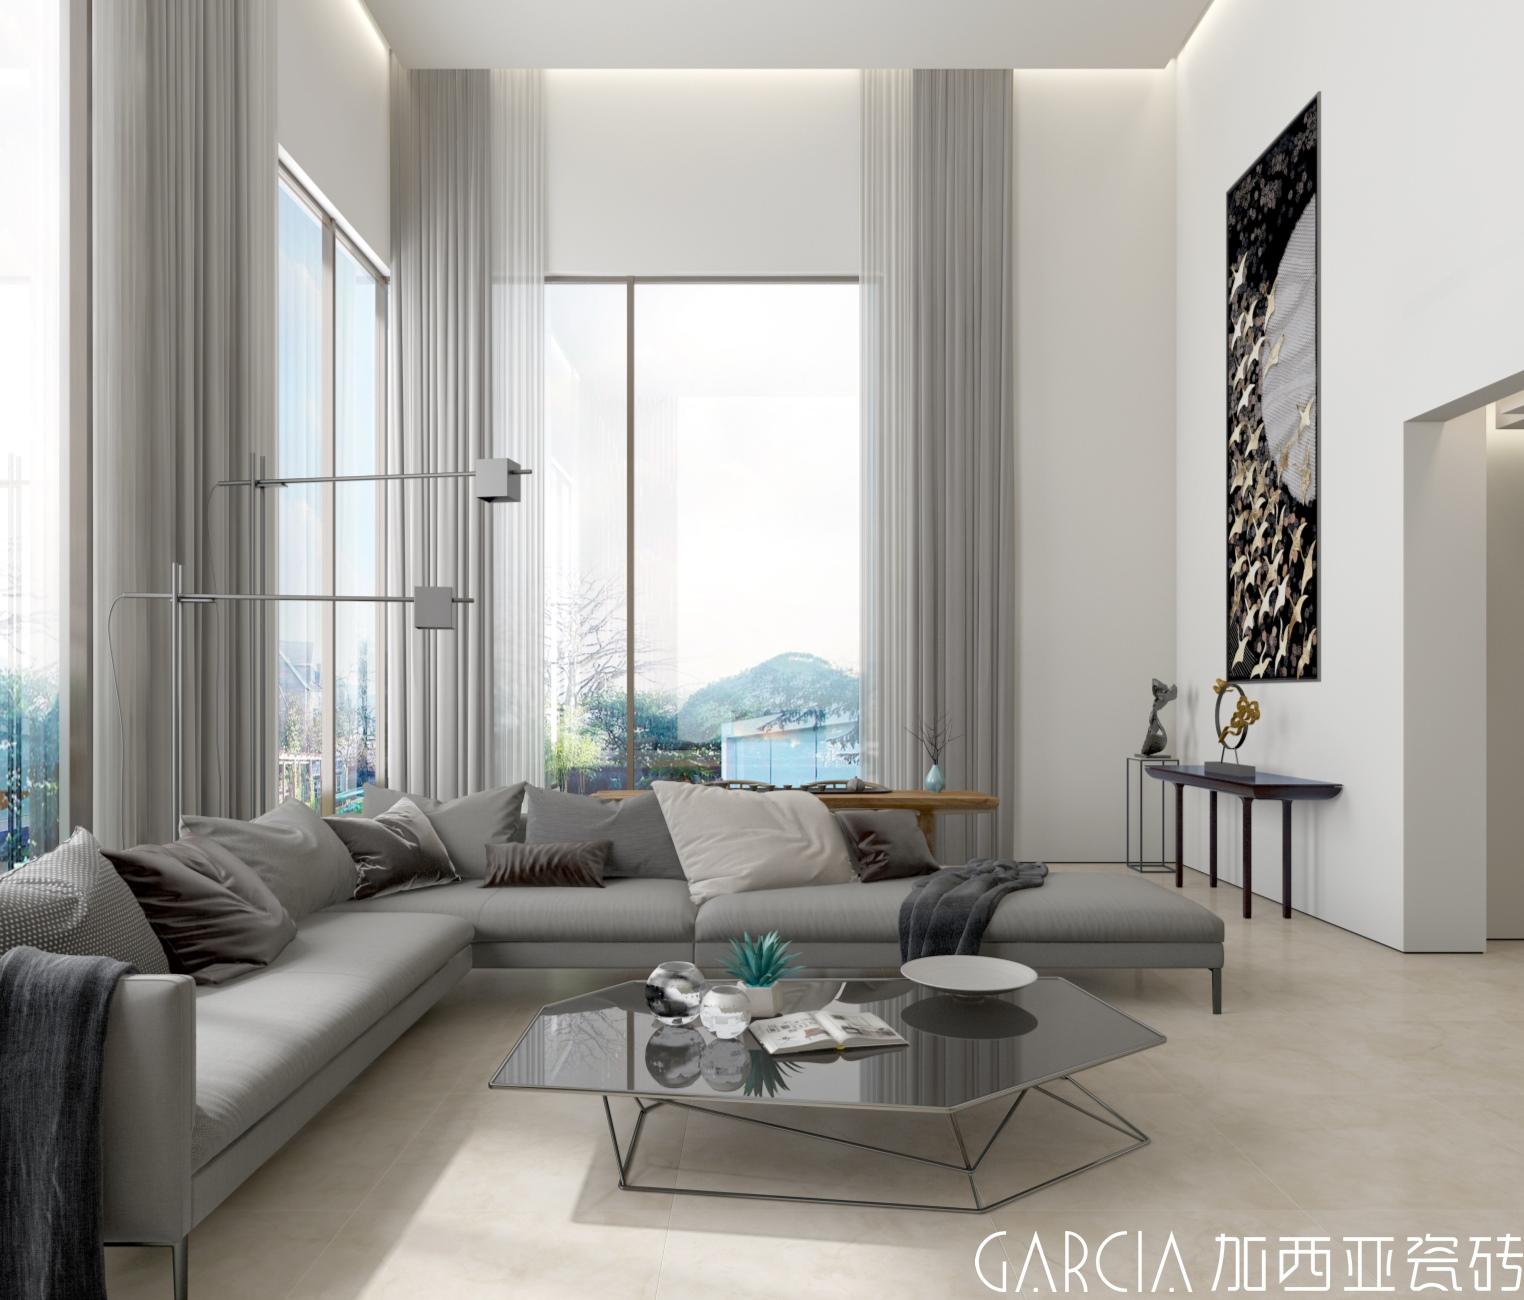 意大利设计加西亚瓷砖美国莫和克旗下品牌8090后家居建材天然石材